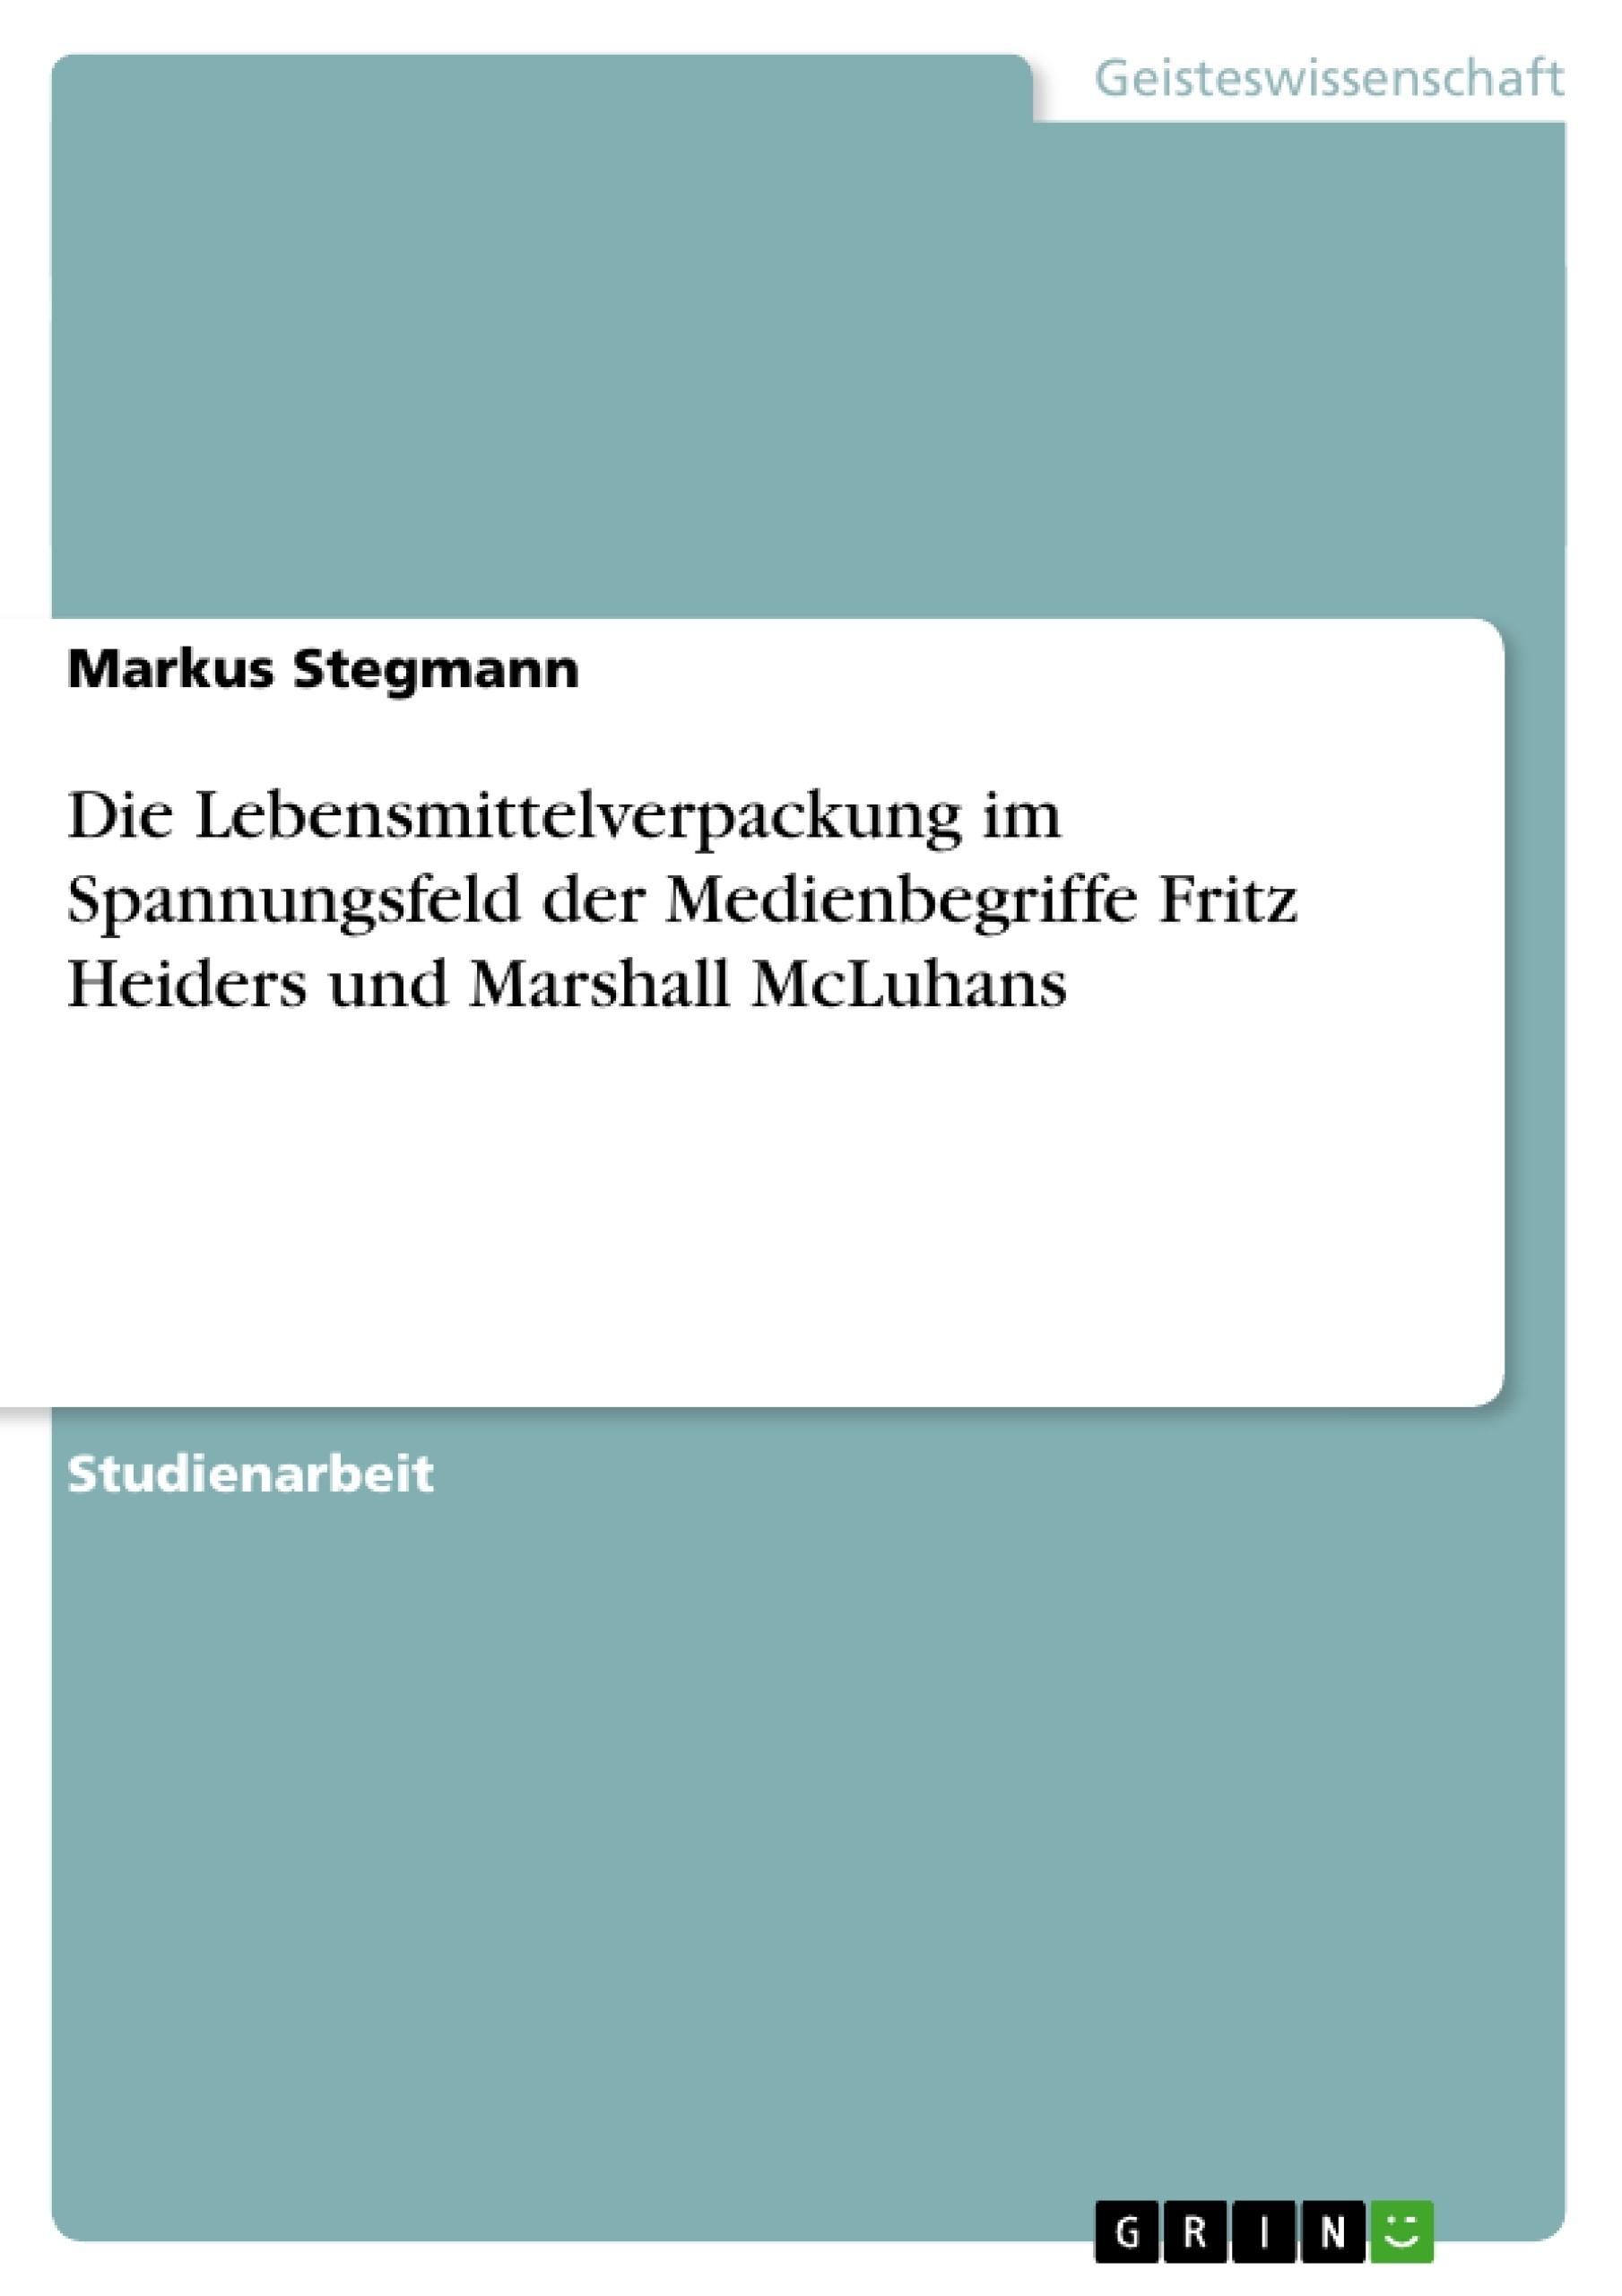 Titel: Die Lebensmittelverpackung im Spannungsfeld der Medienbegriffe Fritz Heiders und Marshall McLuhans